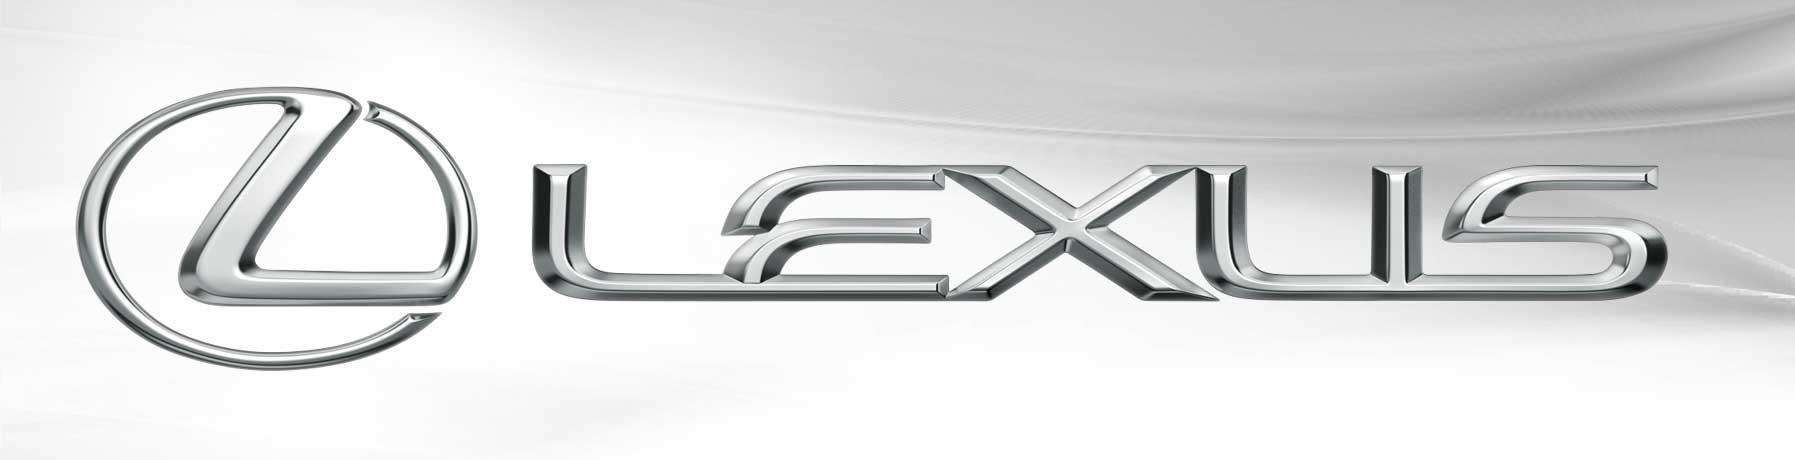 חלקי חילוף מקוריים וחלופיים לרכבי LEX לקסוס